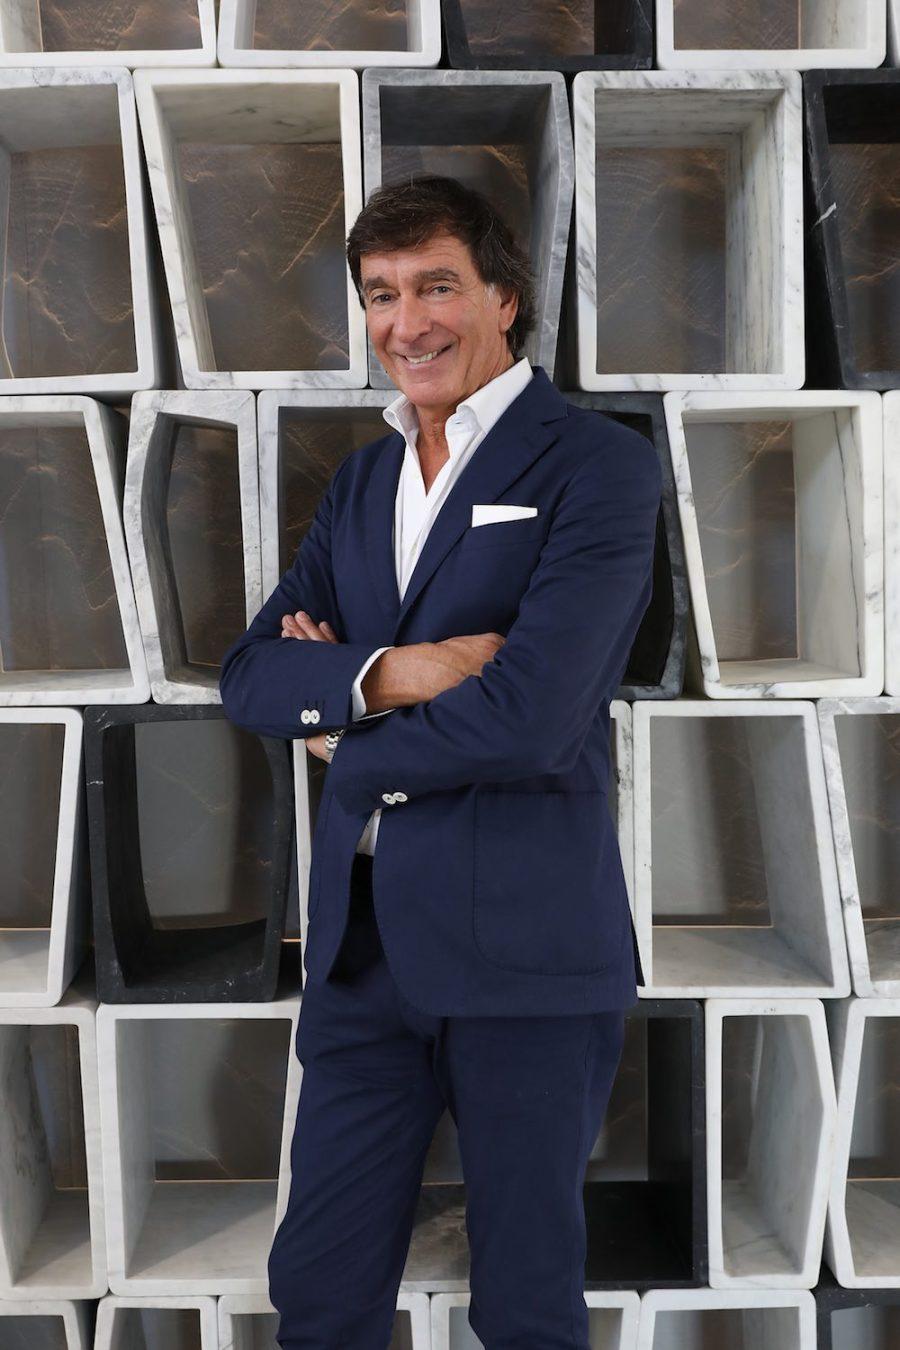 Paolo Carli, presidenti di Heruax SpA e della Fondazione